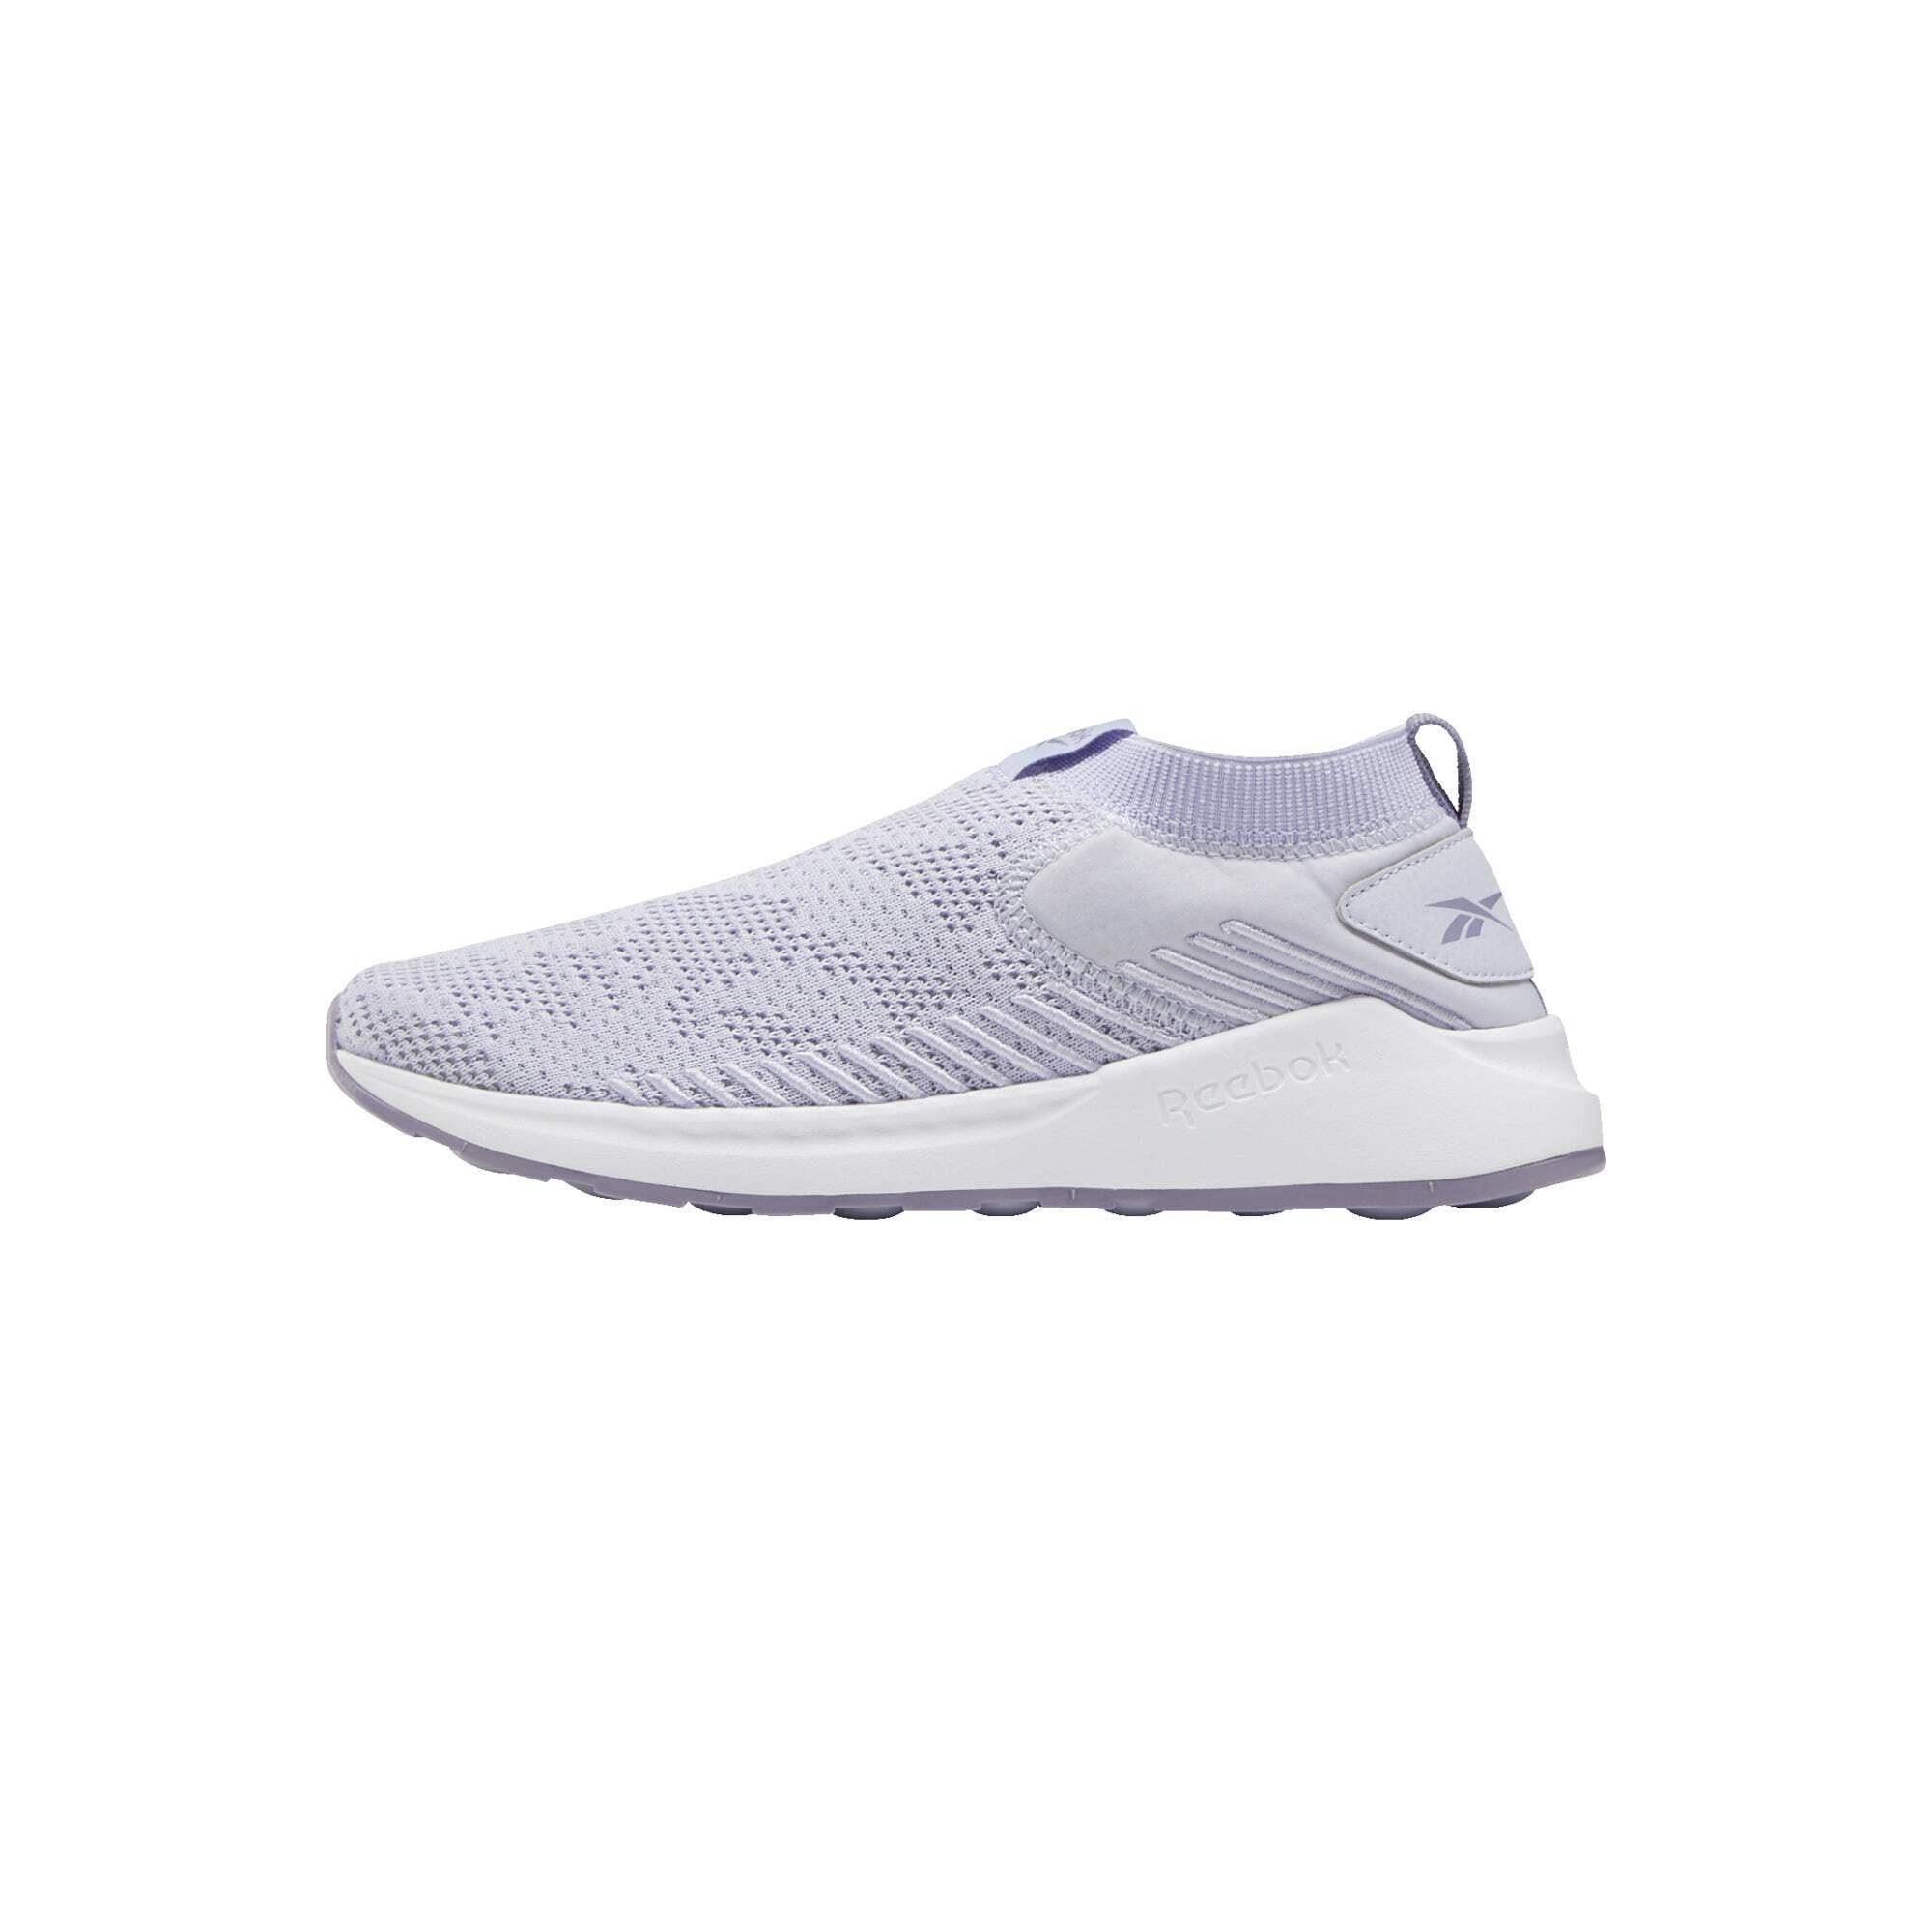 Reebok »Reebok Ever Road DMX 2.0 Slip On Shoes« Trainingsschuh online kaufen | OTTO